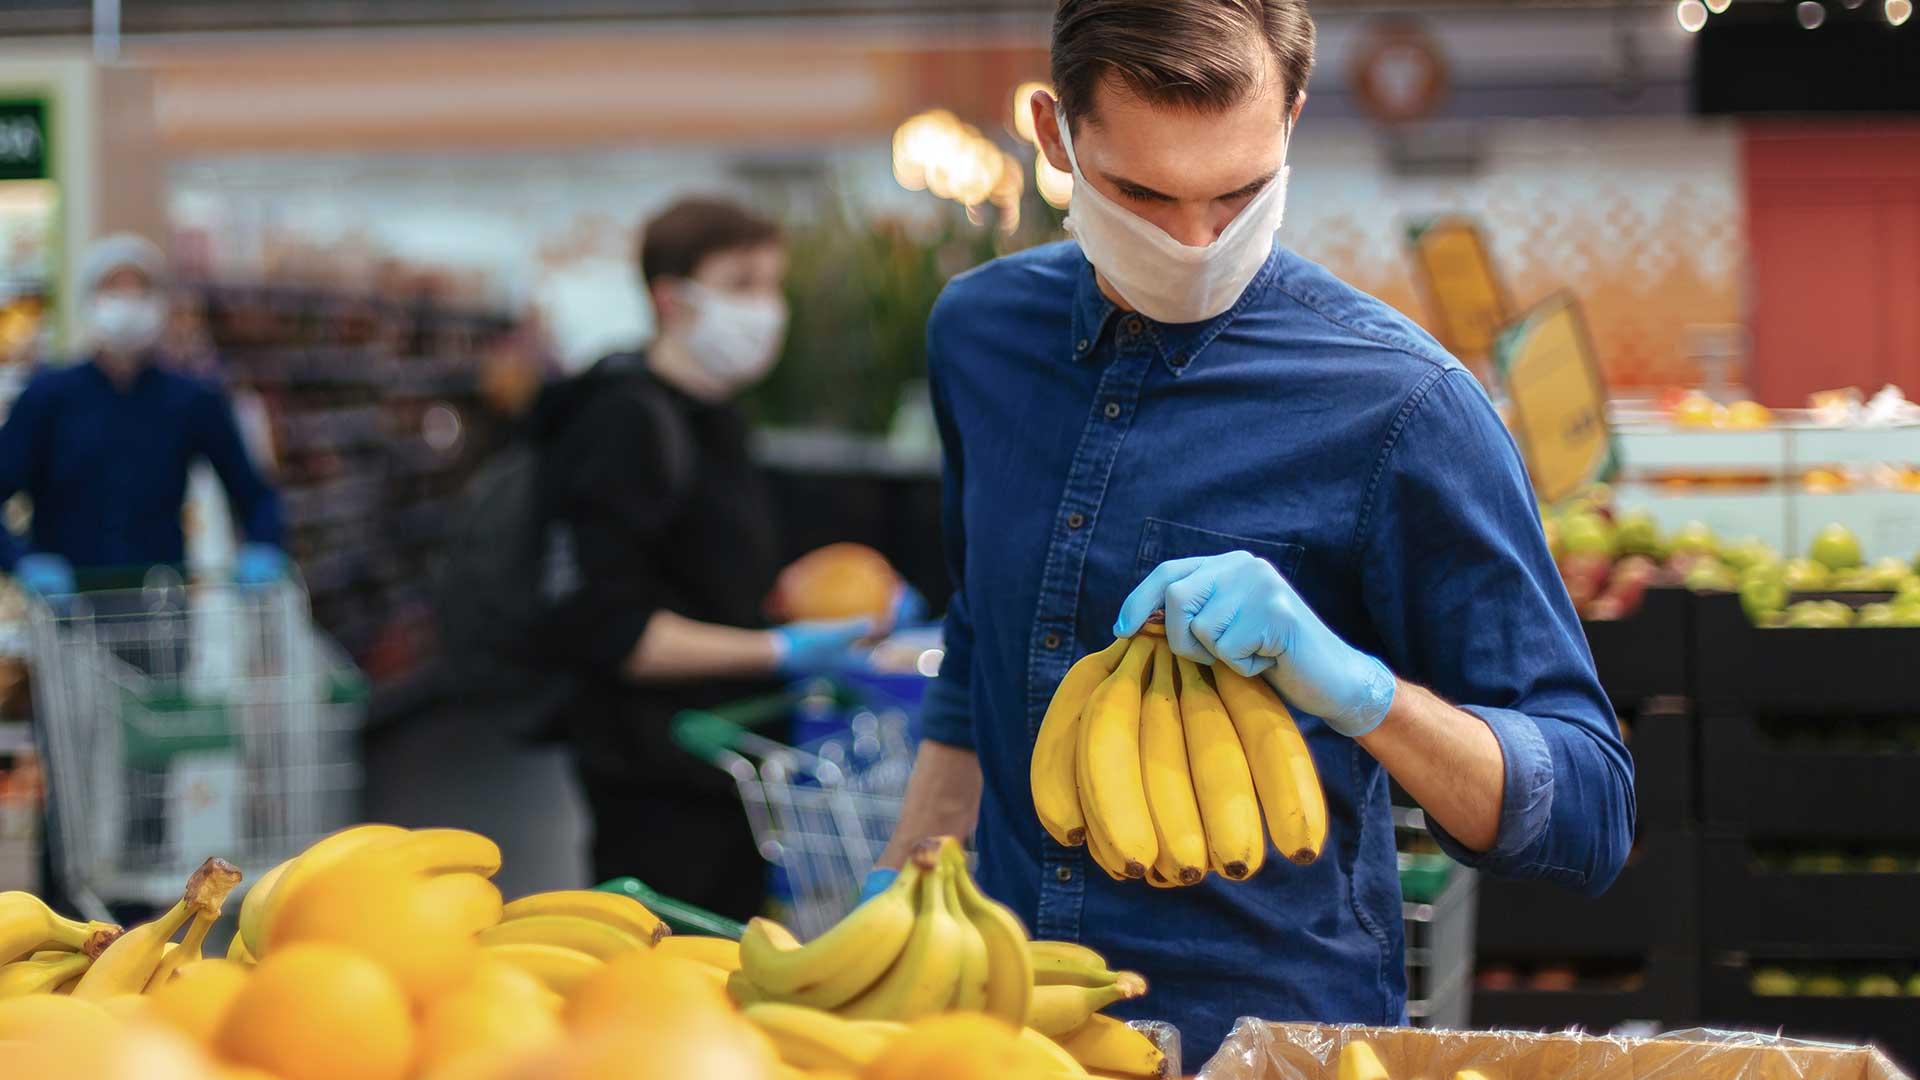 Bananen im Supermarkt: Mann mit Maske kauft ein